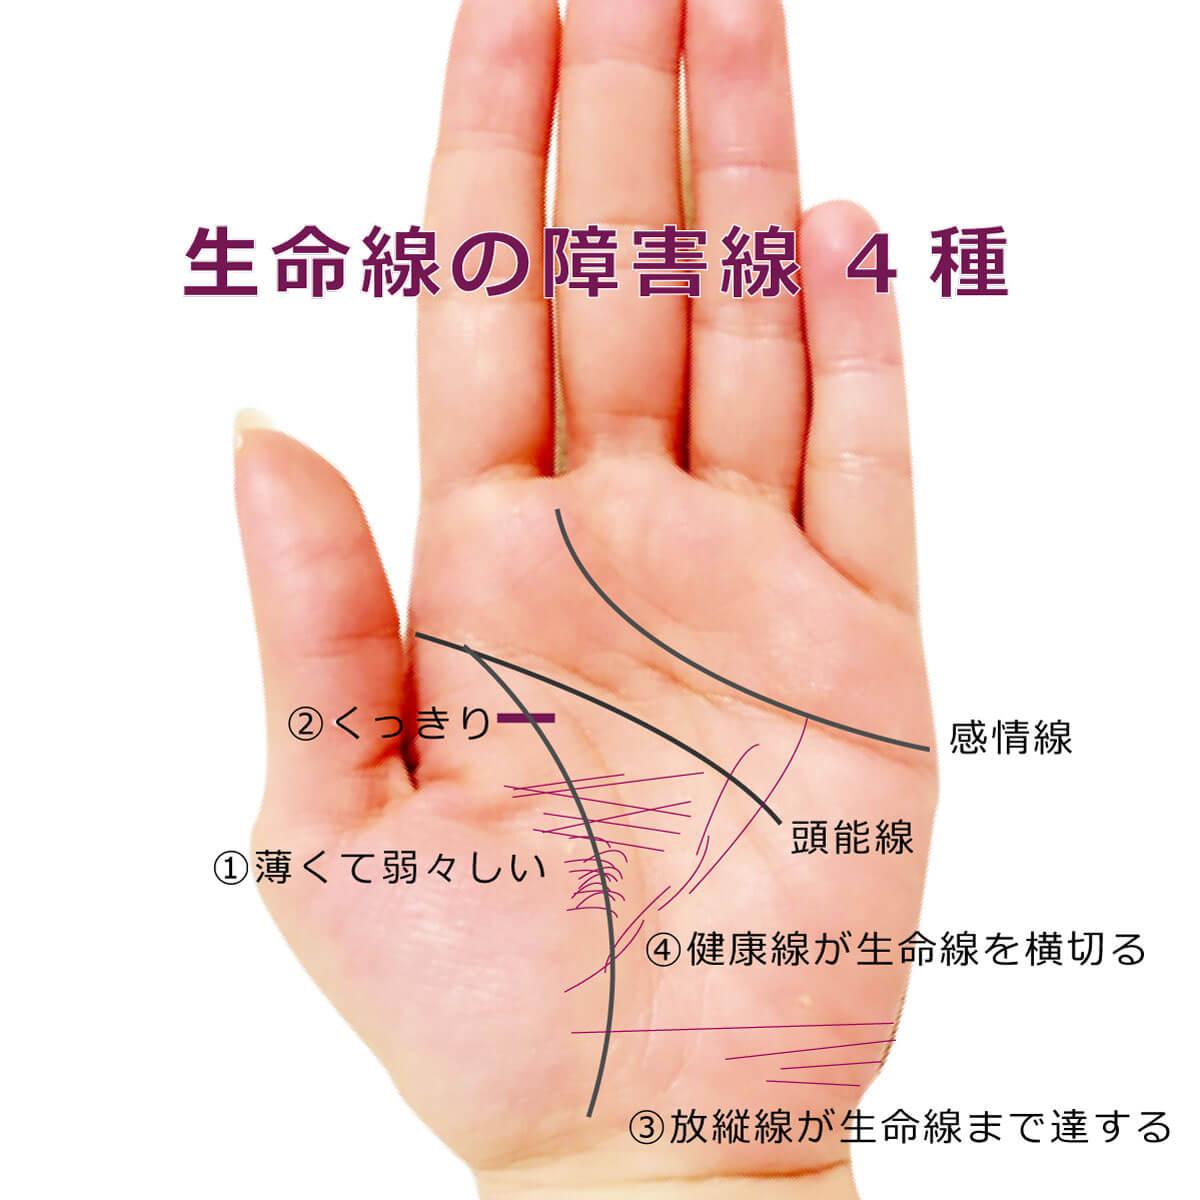 生命線に障害線妨害線が遮る手相